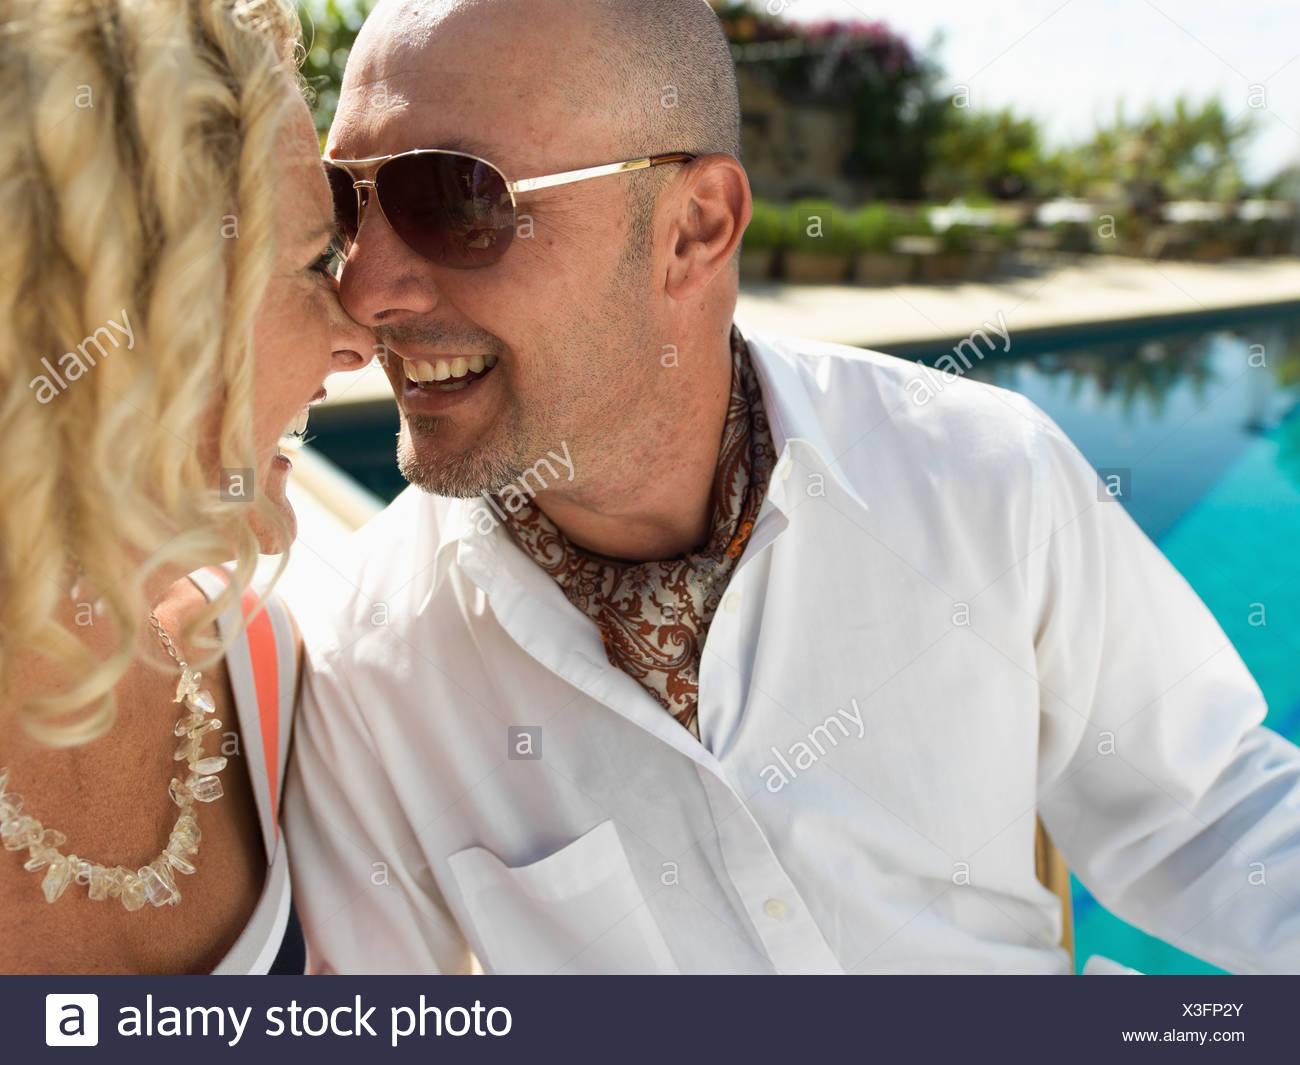 Un bien construido joven toca la punta de la nariz de una mujer bonita por su punta por el lado de la piscina en San Diego. Foto de stock